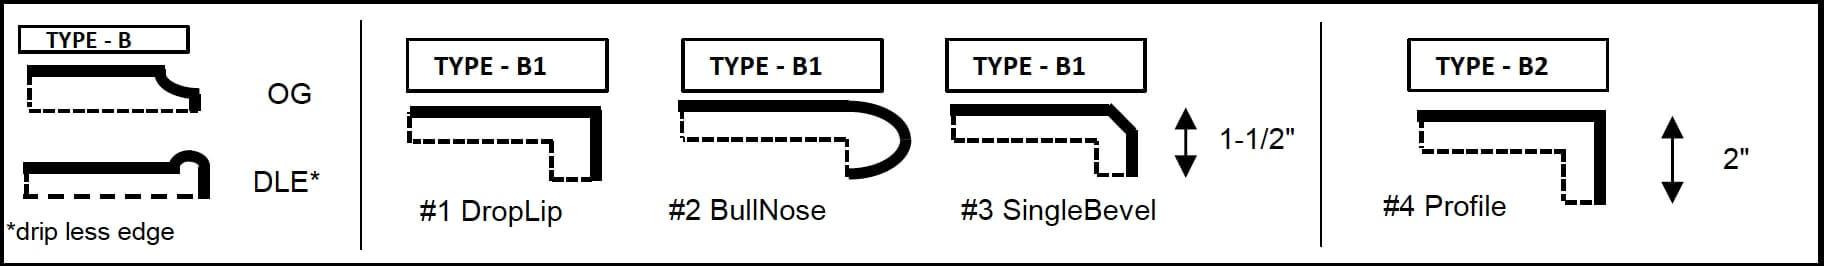 Webp.net-compress-image (8)